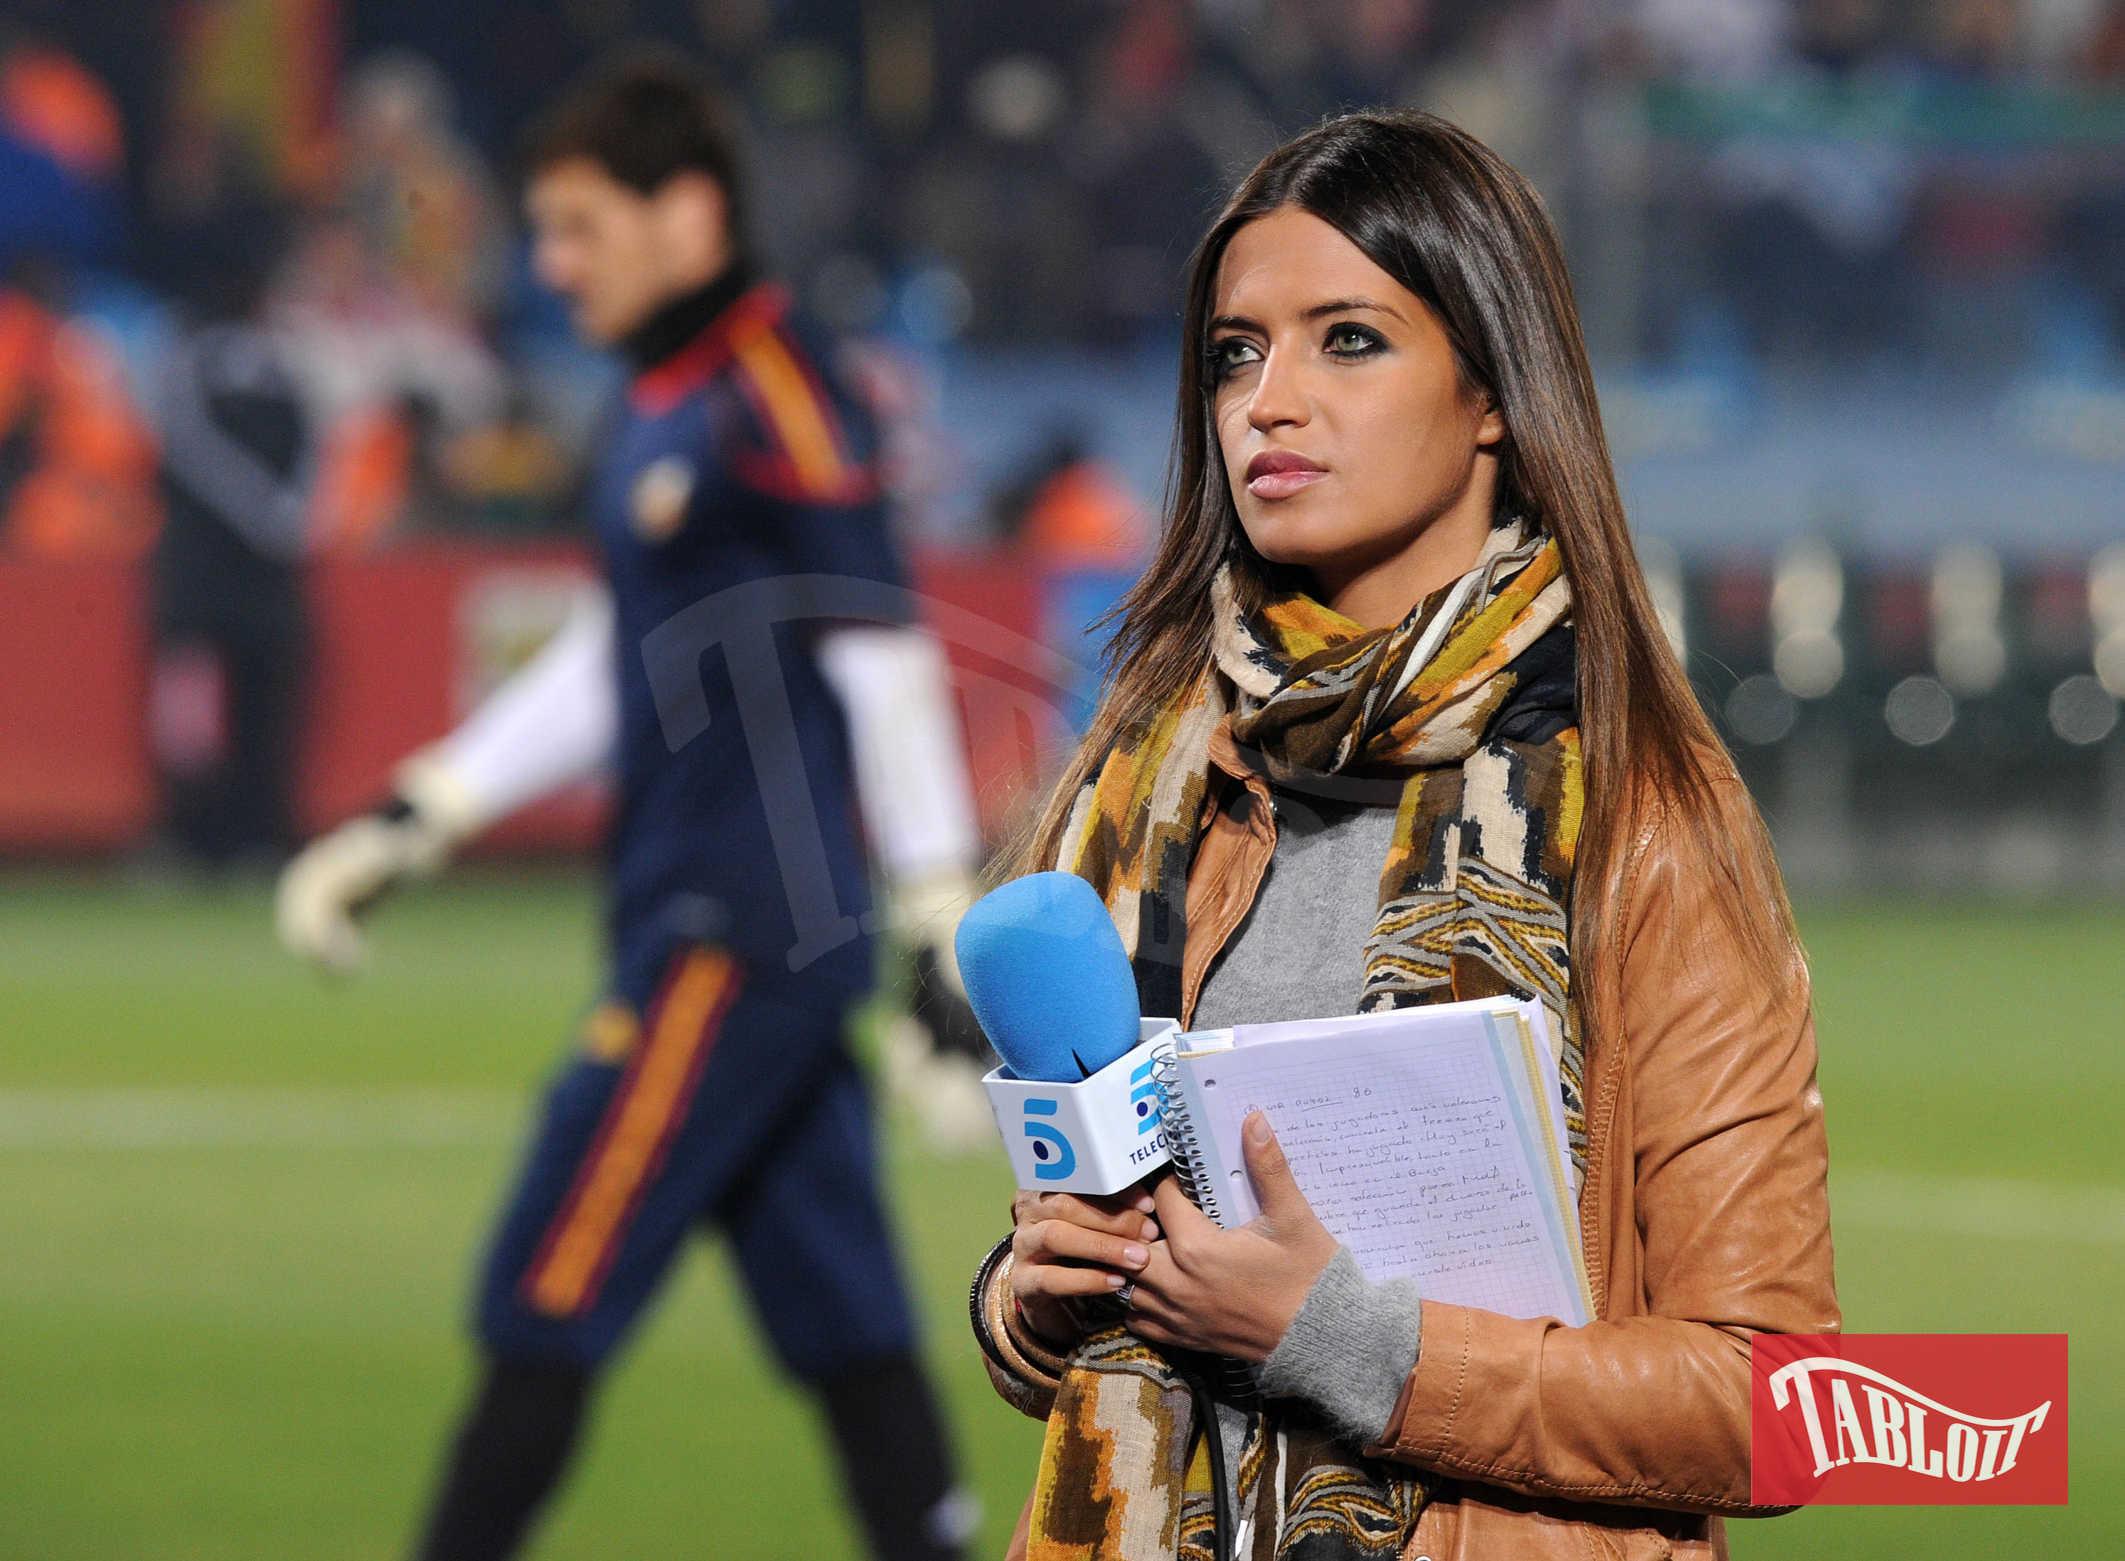 La giornalista Sara Carbonero sui campi dello stadio a Pretoria nel 2010 durante la Fifa World Cup. Sullo sfondo il fidanzato, ora marito, il portiere Iker Casillas